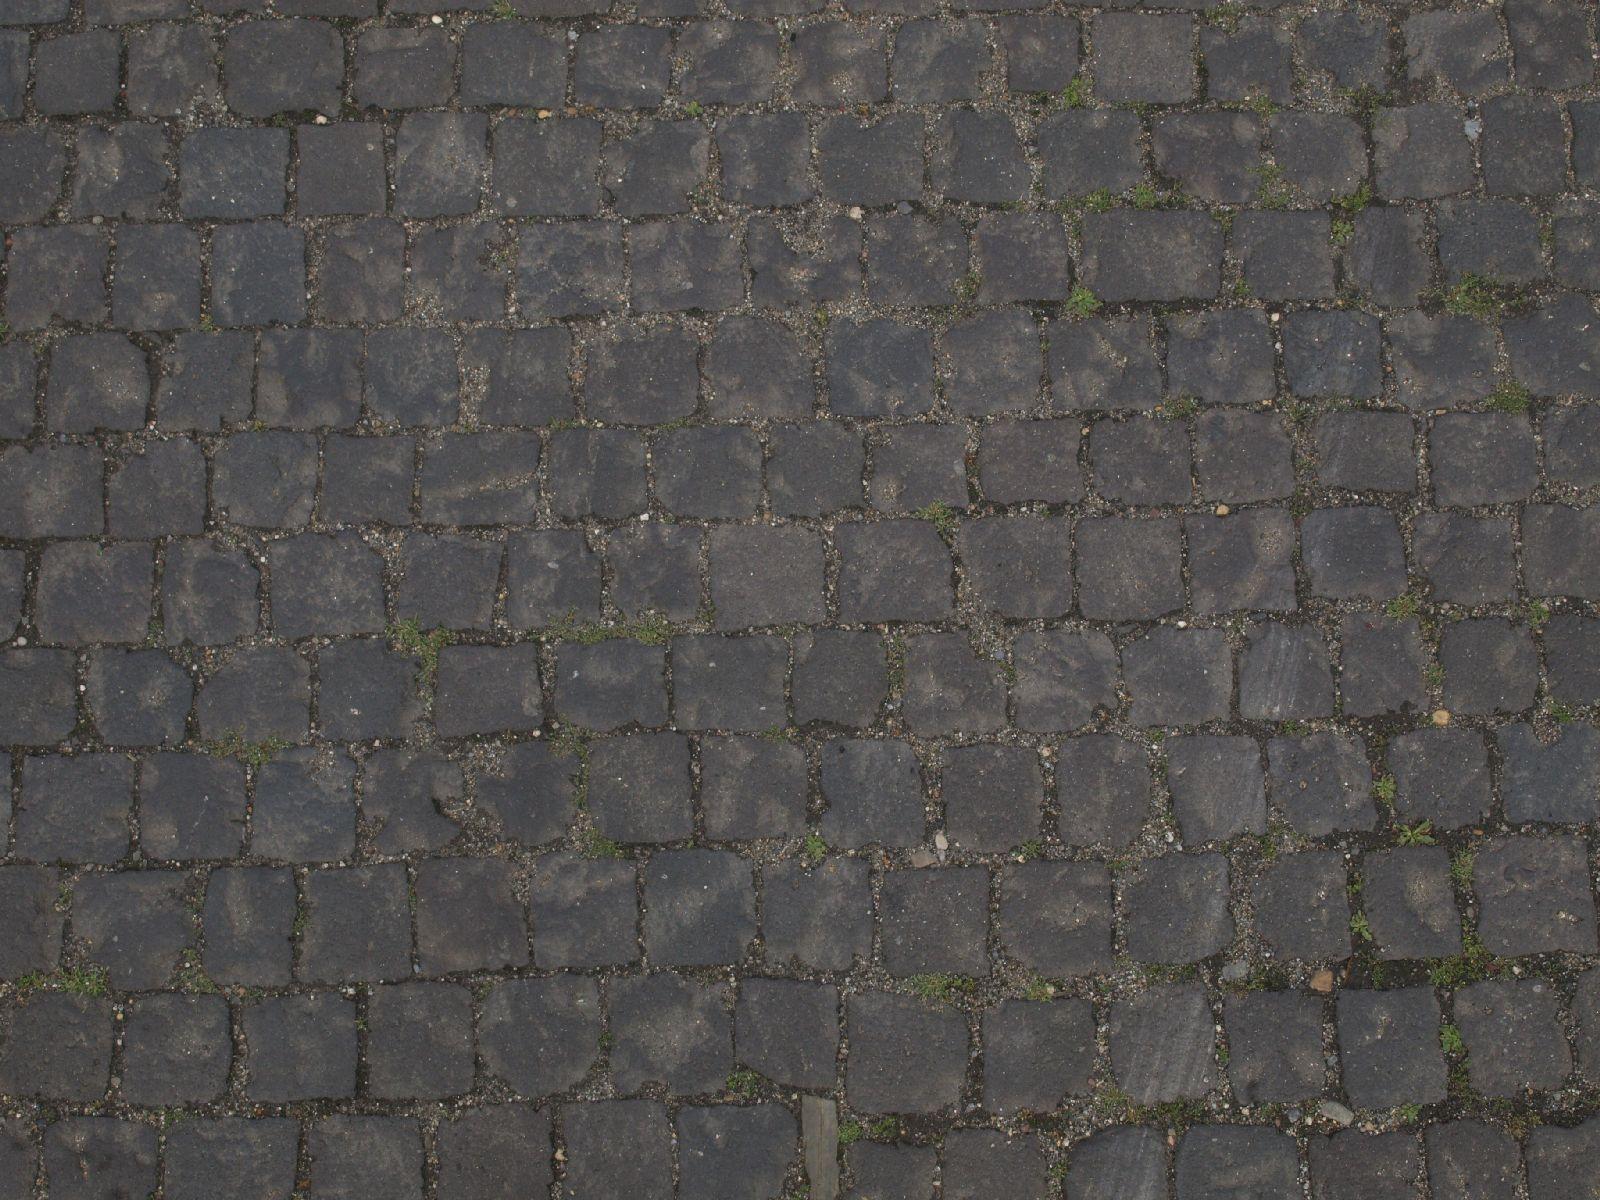 Ground-Urban_Texture_A_P7258769